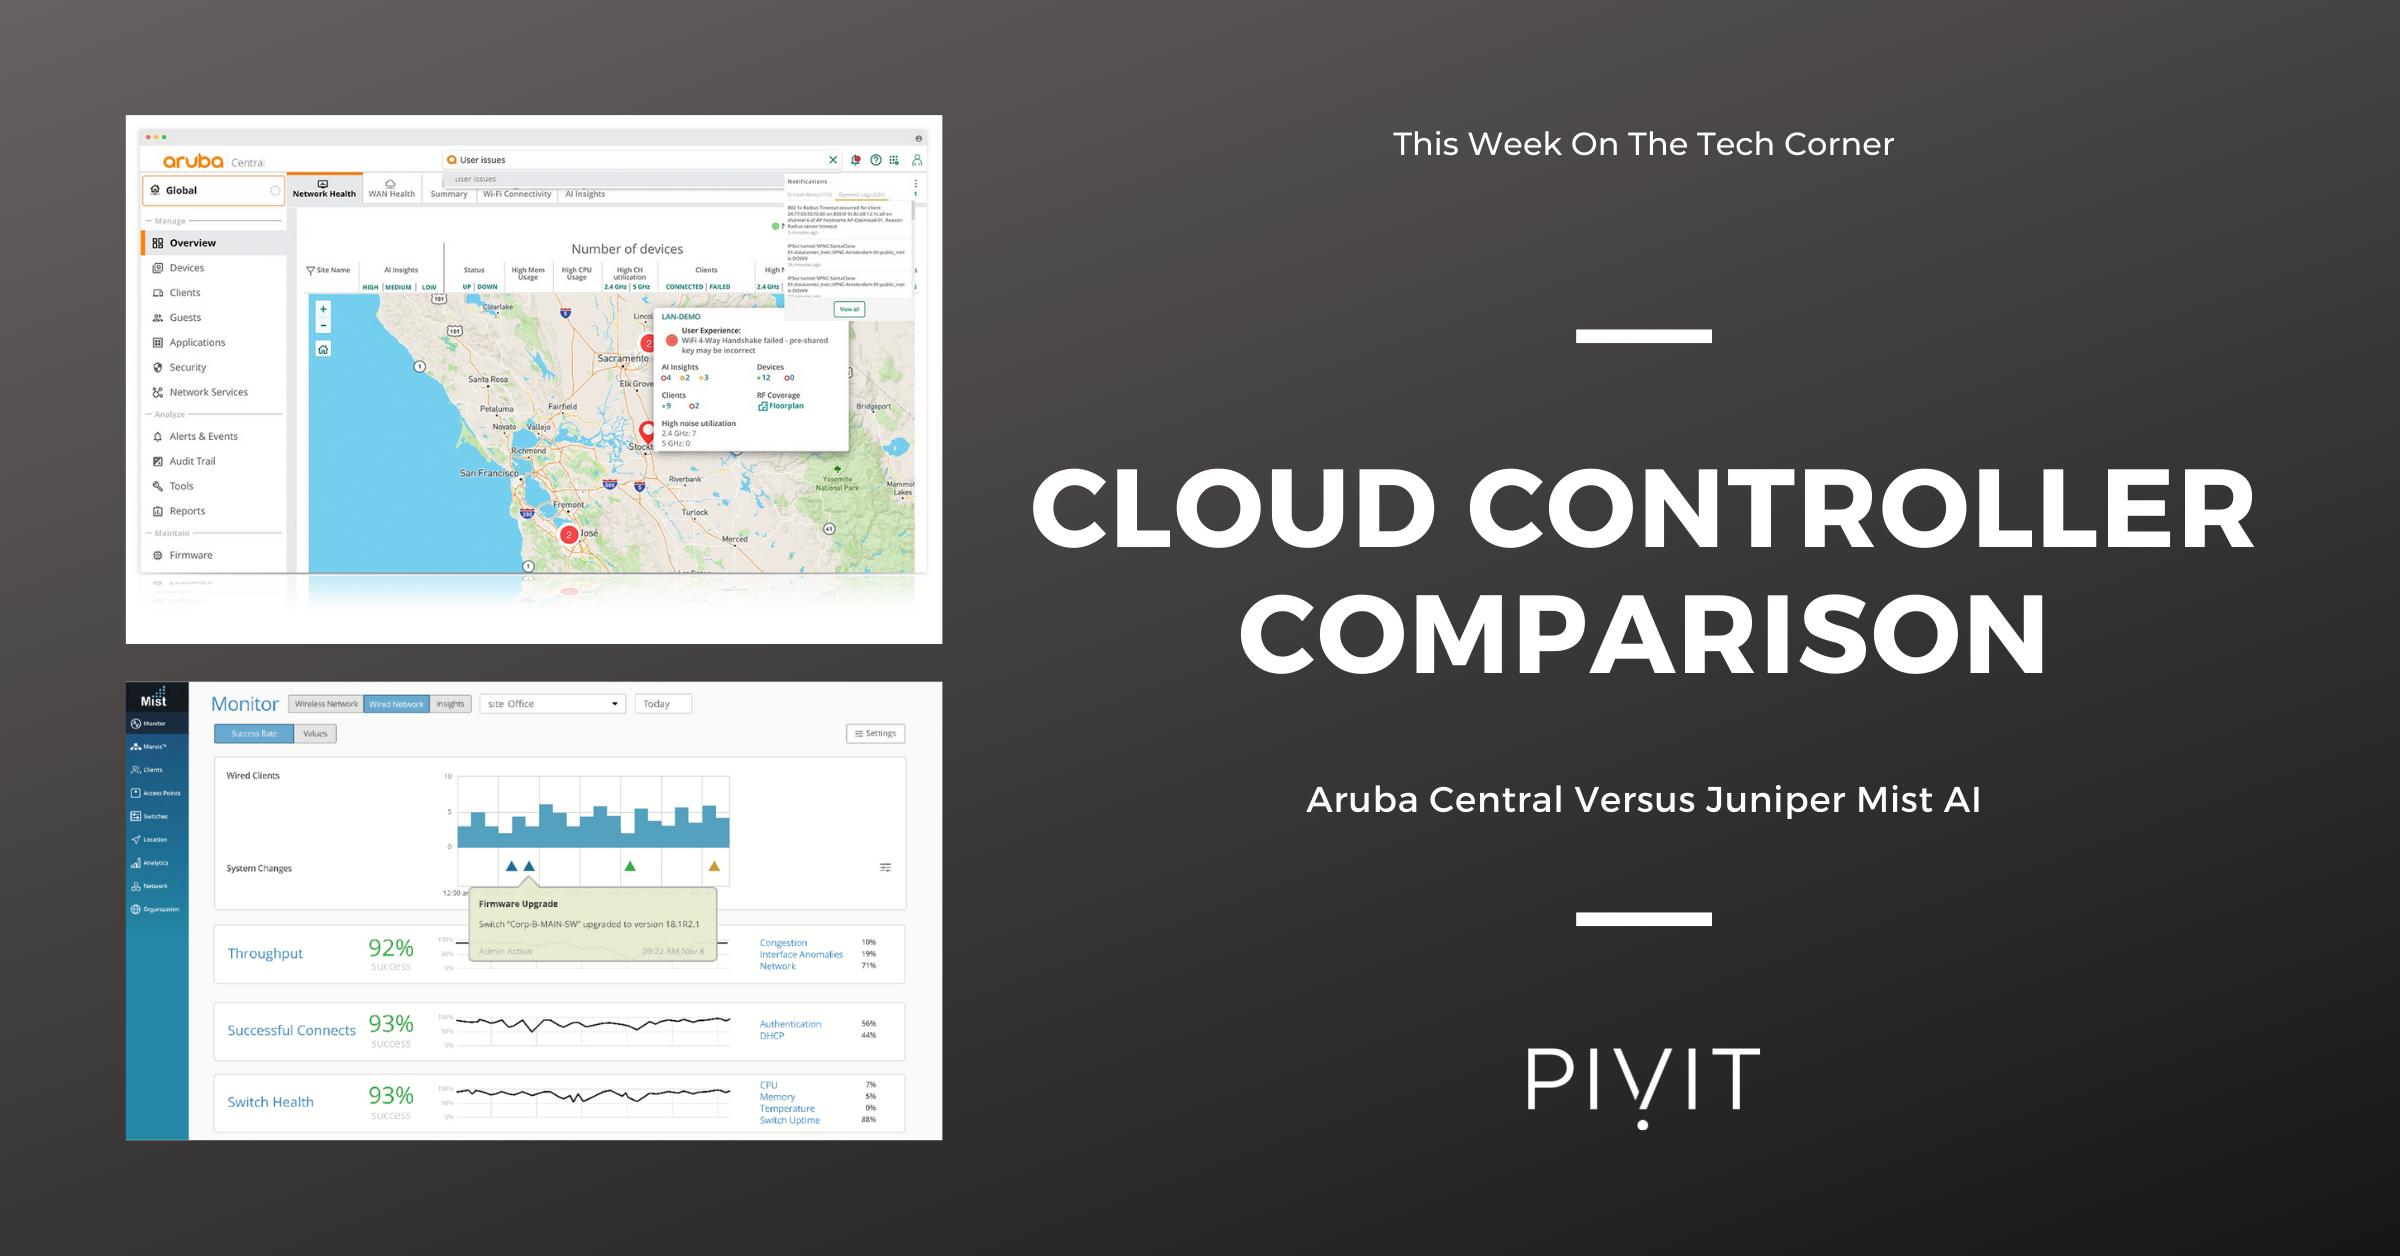 Aruba Central Versus Juniper Mist AI Cloud Controller